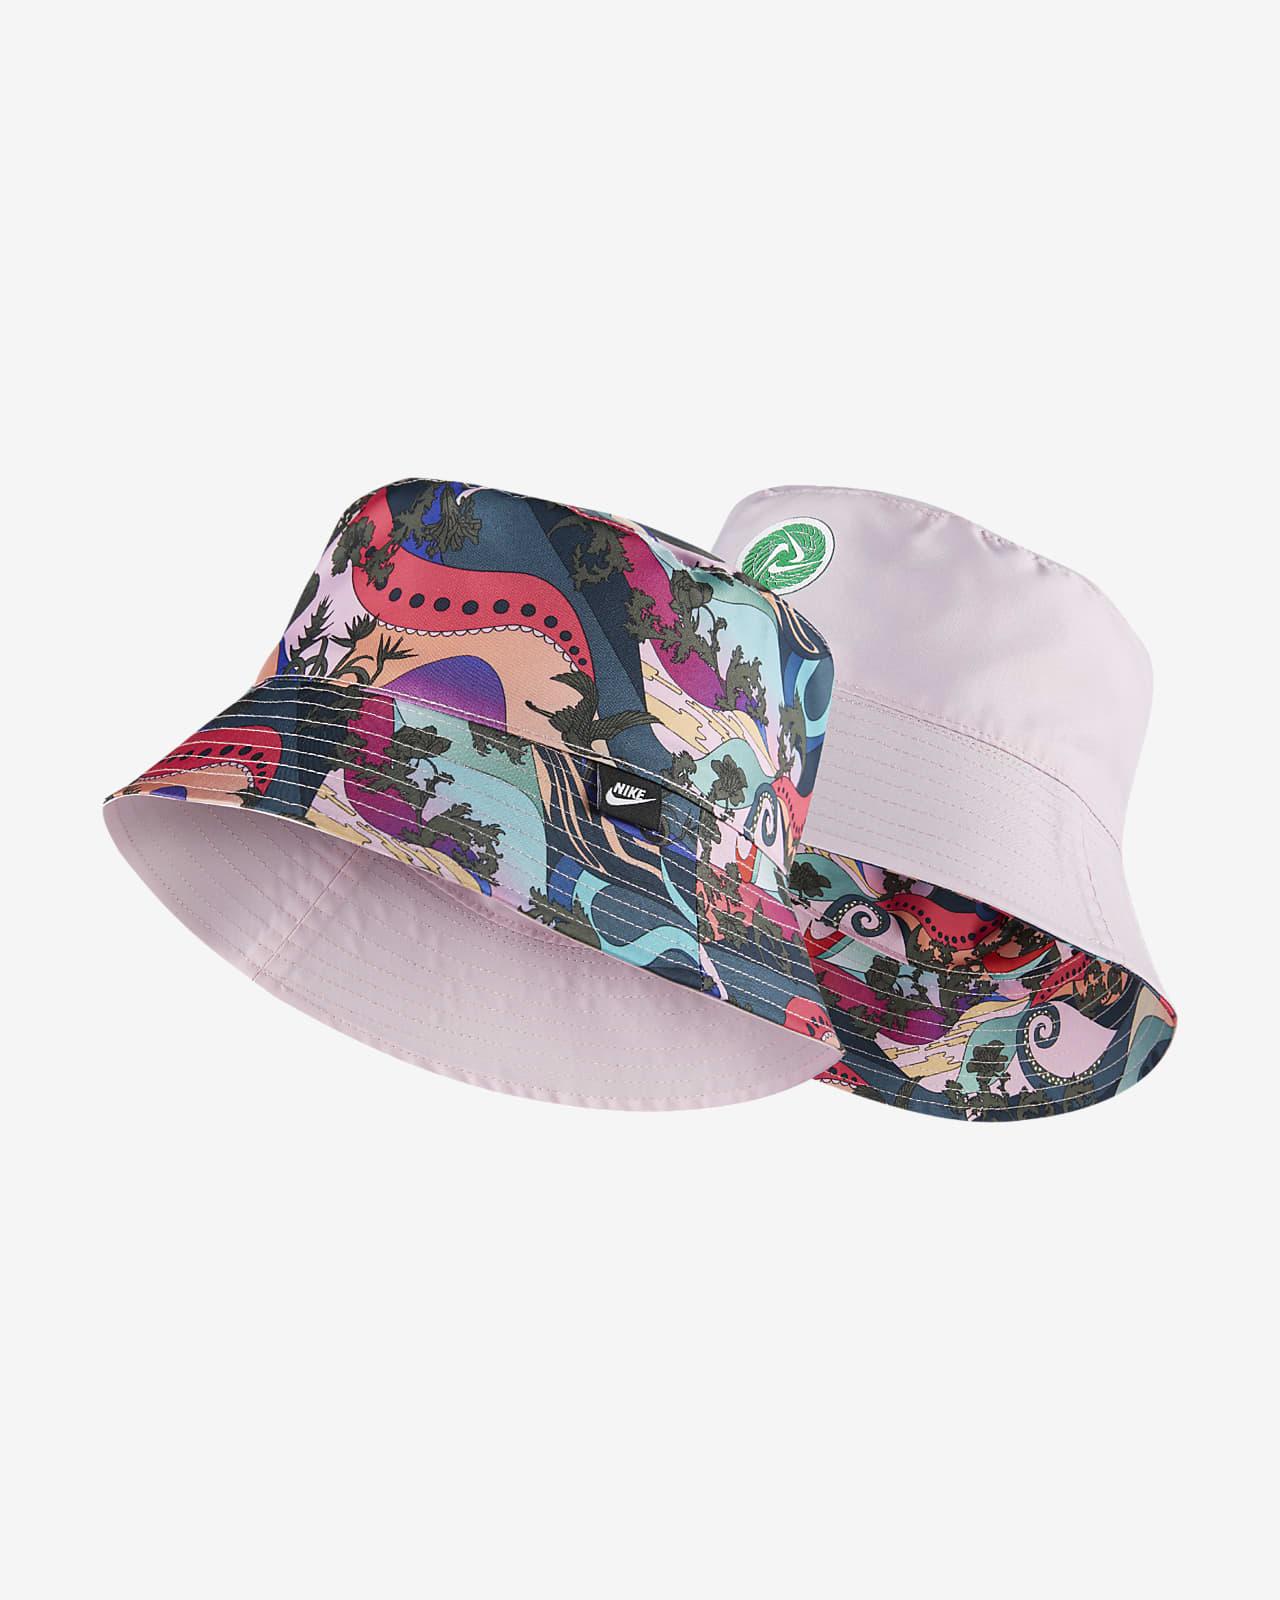 Nike Sportswear Icon Clash Women's Reversible Bucket Hat